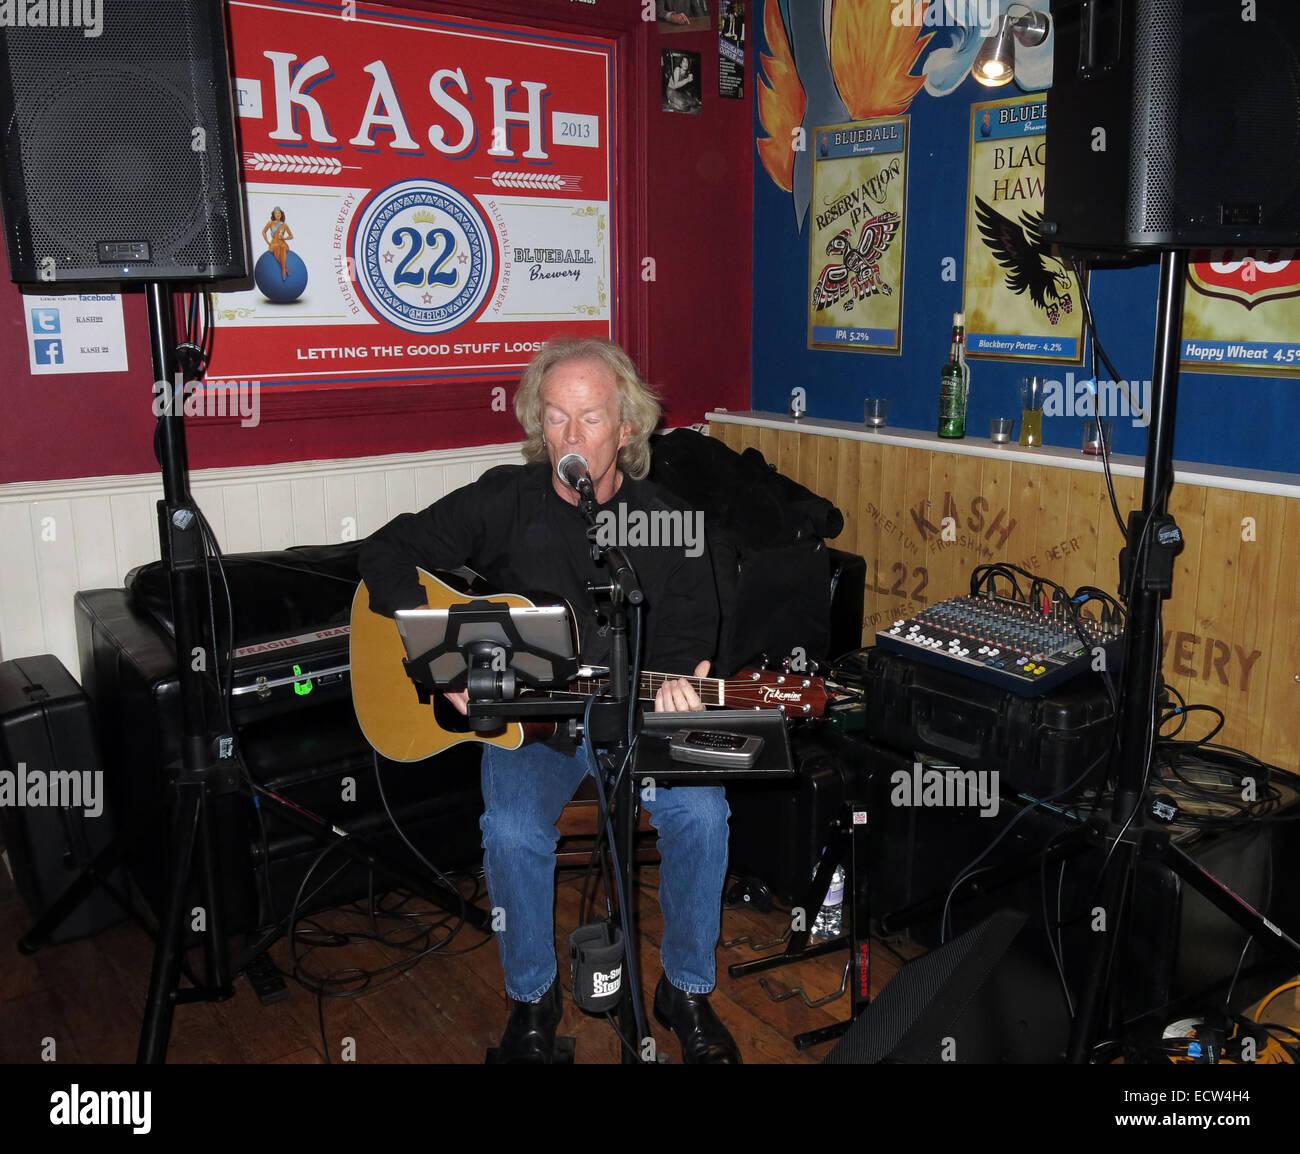 Laden Sie dieses Alamy Stockfoto Musik bei KAsh22, Frodsham, Cheshire, England, UK - ECW4H4